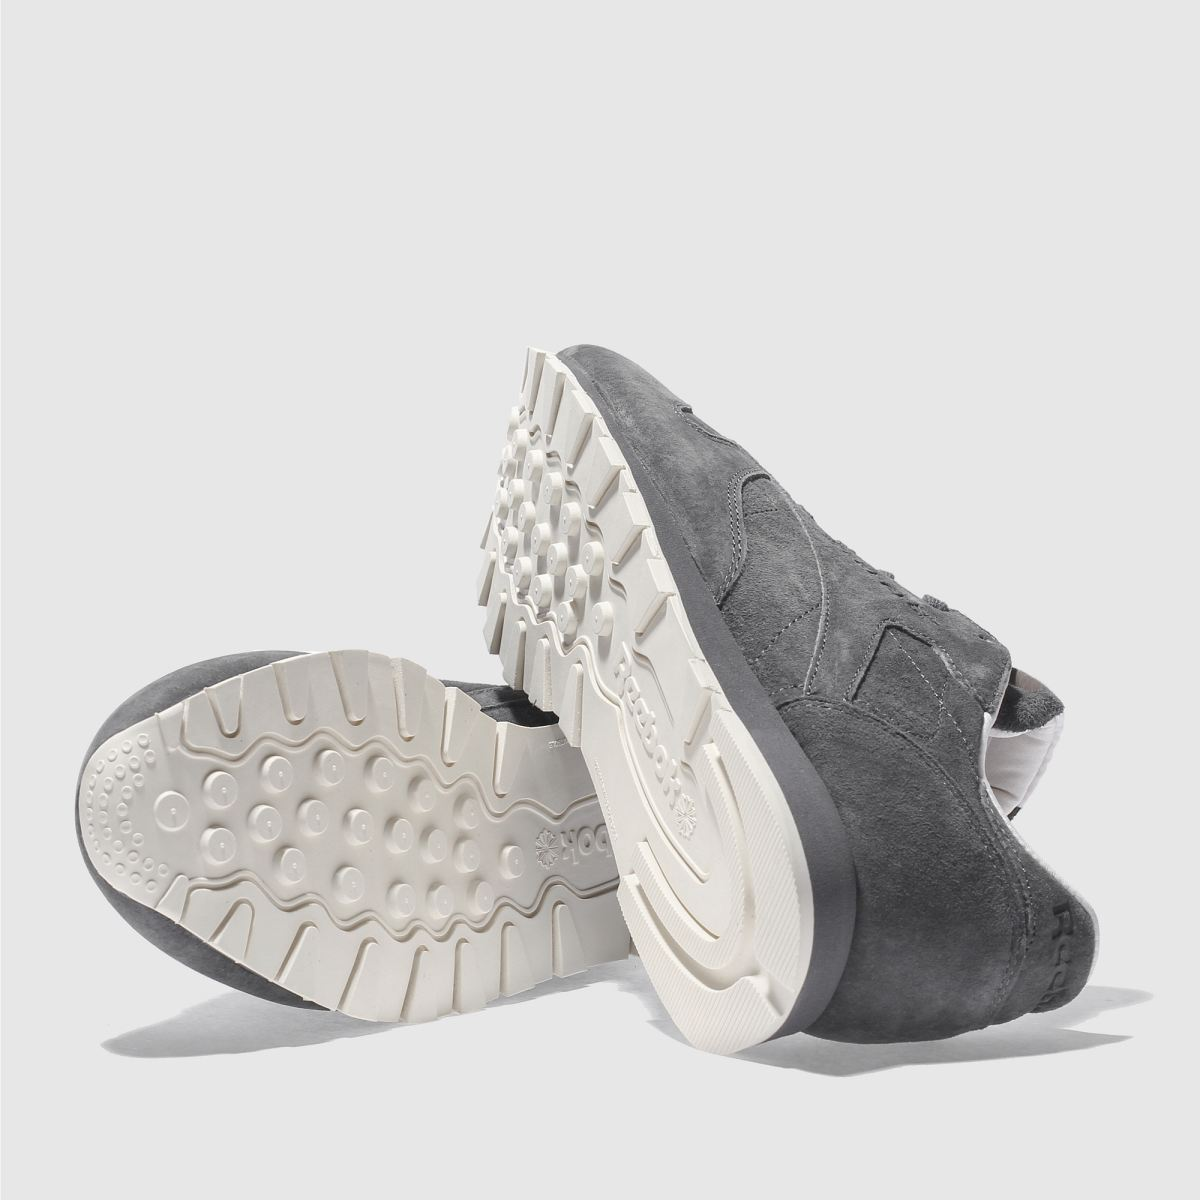 Damen Dunkelgrau reebok Classic Leather Tonal Nbk Sneaker beliebte   schuh Gute Qualität beliebte Sneaker Schuhe bd23ce